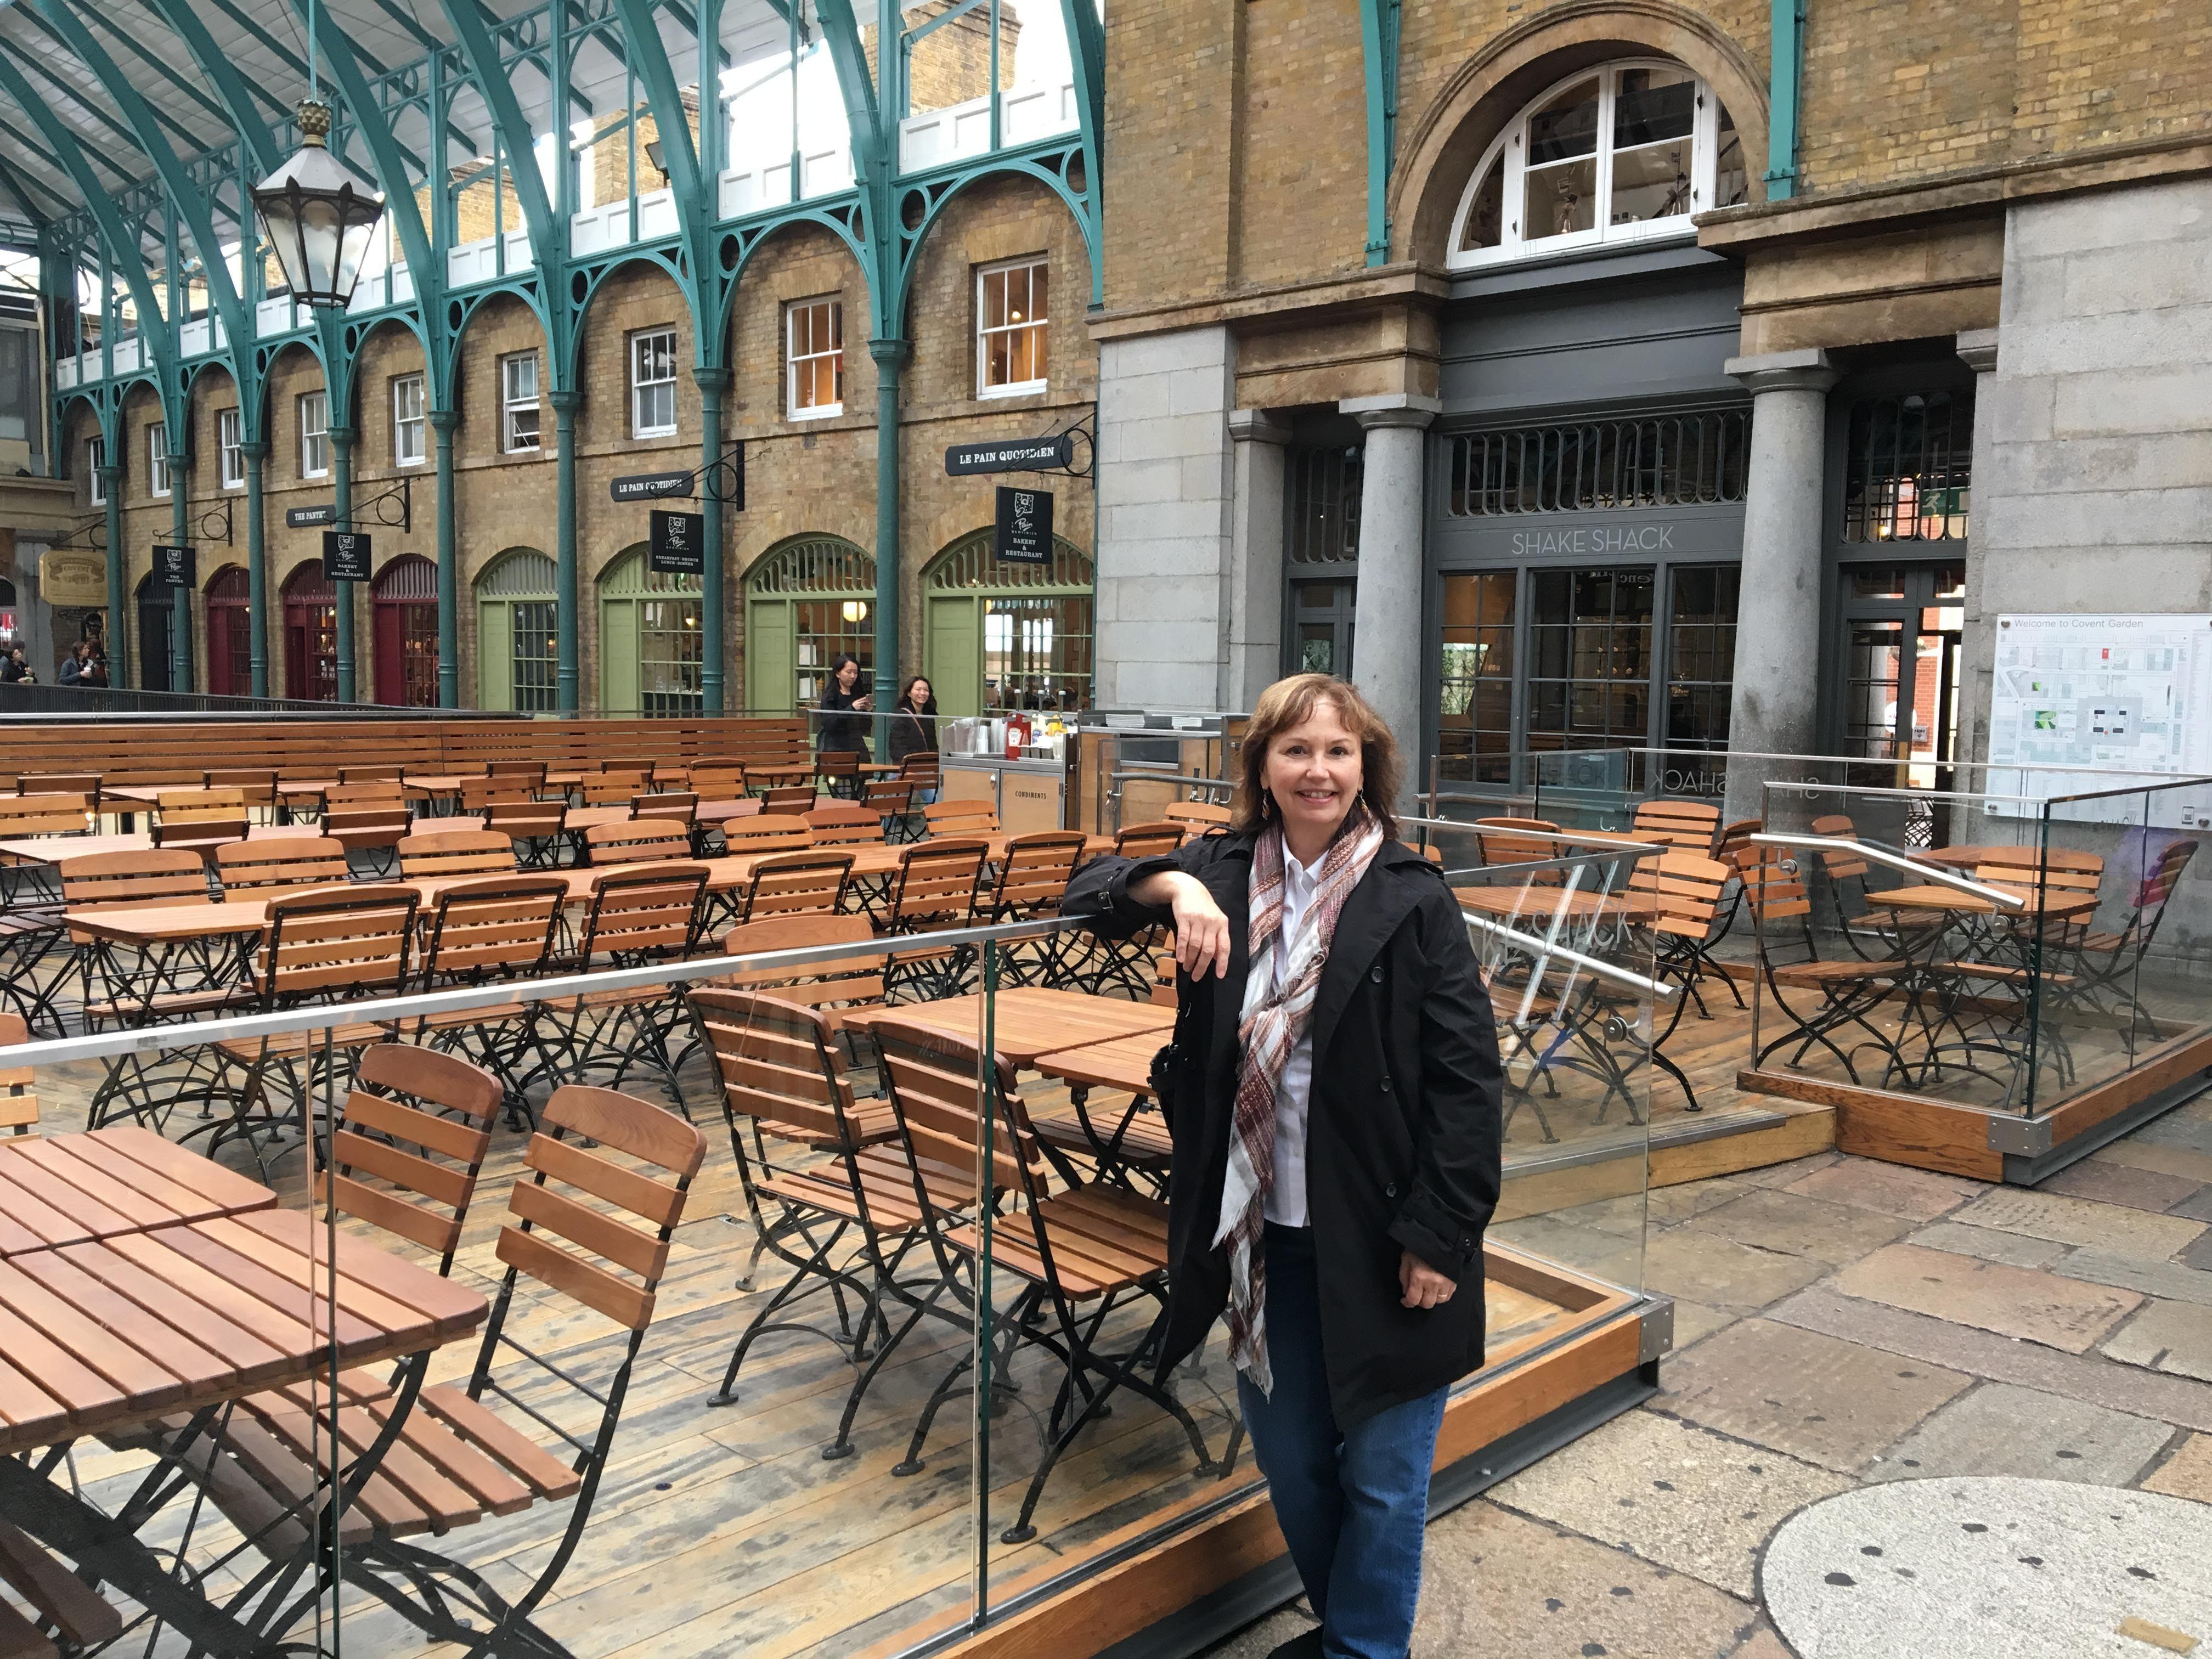 Covent Garden Market Covent garden, London, London travel